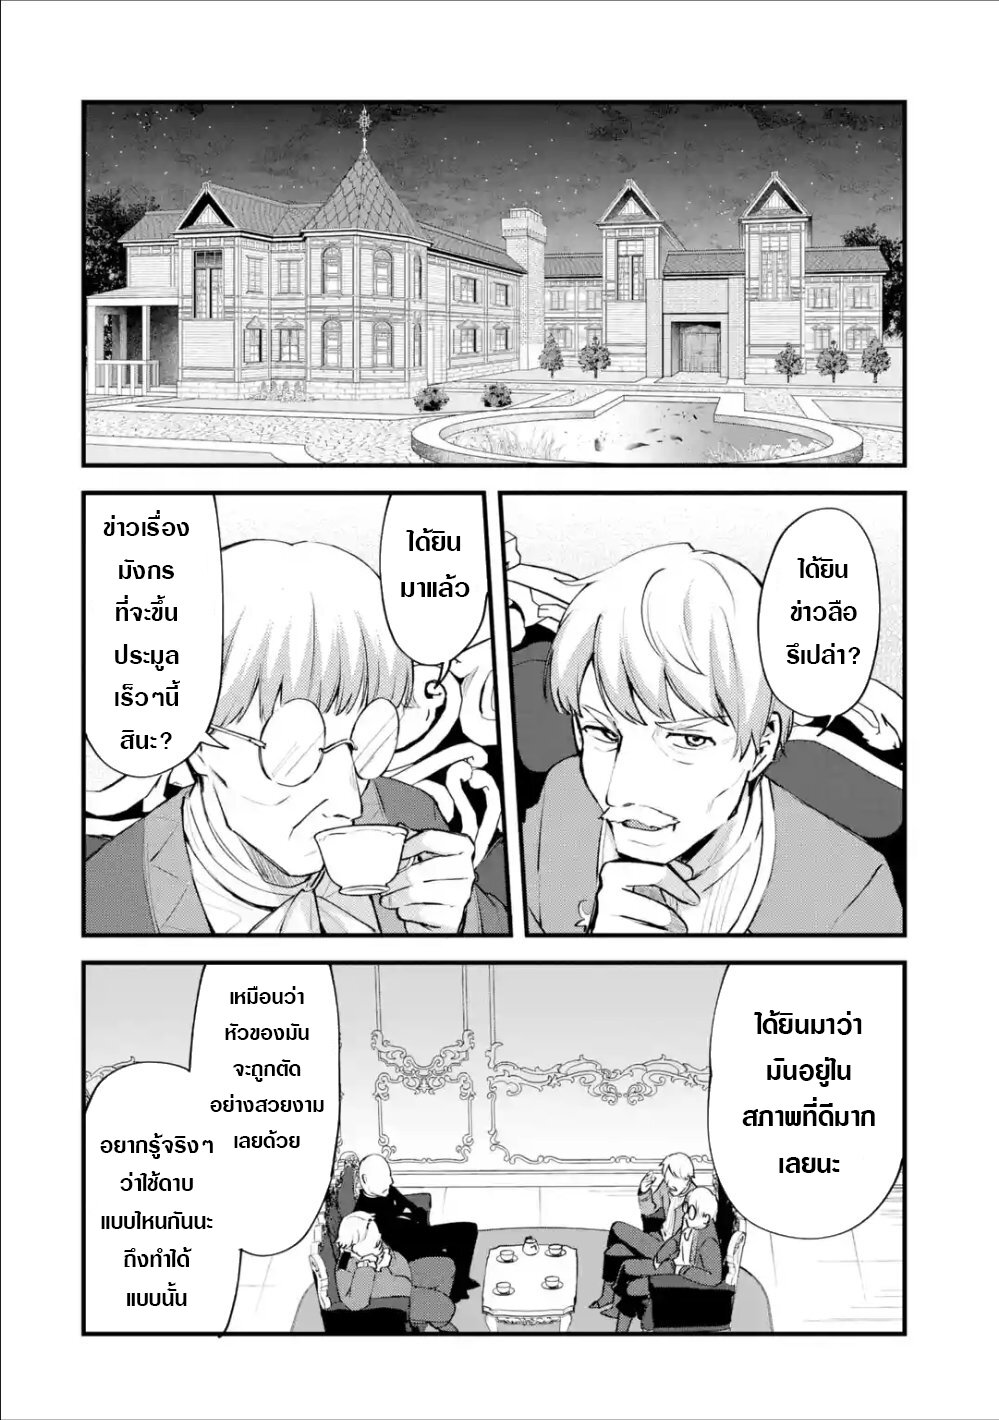 อ่านการ์ตูน Nido Tensei Shita Shounen wa S Rank Boukensha Toshite Heion ni Sugosu-zense ga kenja de eiyuu datta boku wa raisede wa jimini ikiru ตอนที่ 5 หน้าที่ 25